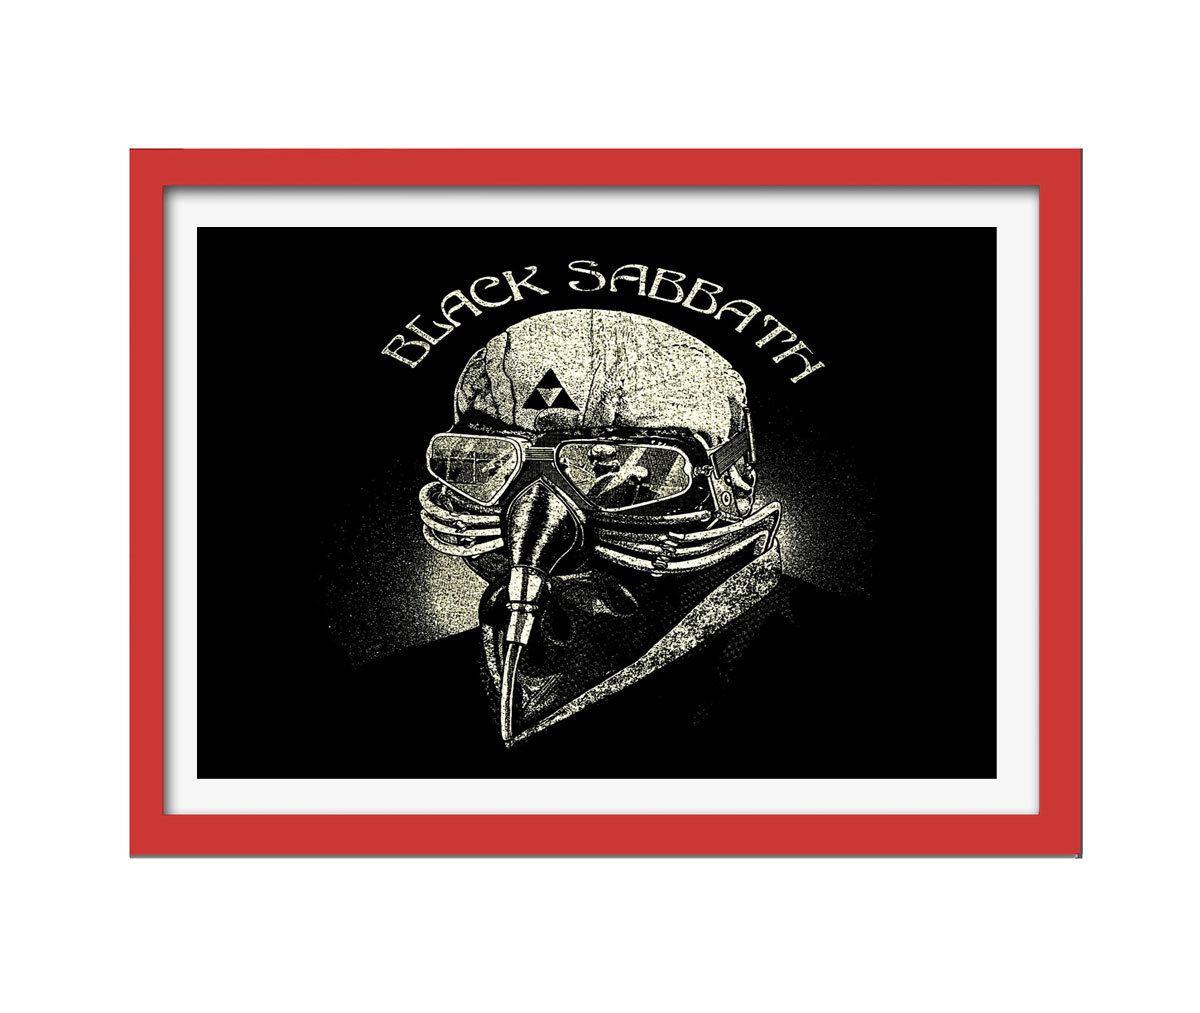 Quadro Black Sabbath mdf 33x25 moldura vermelho